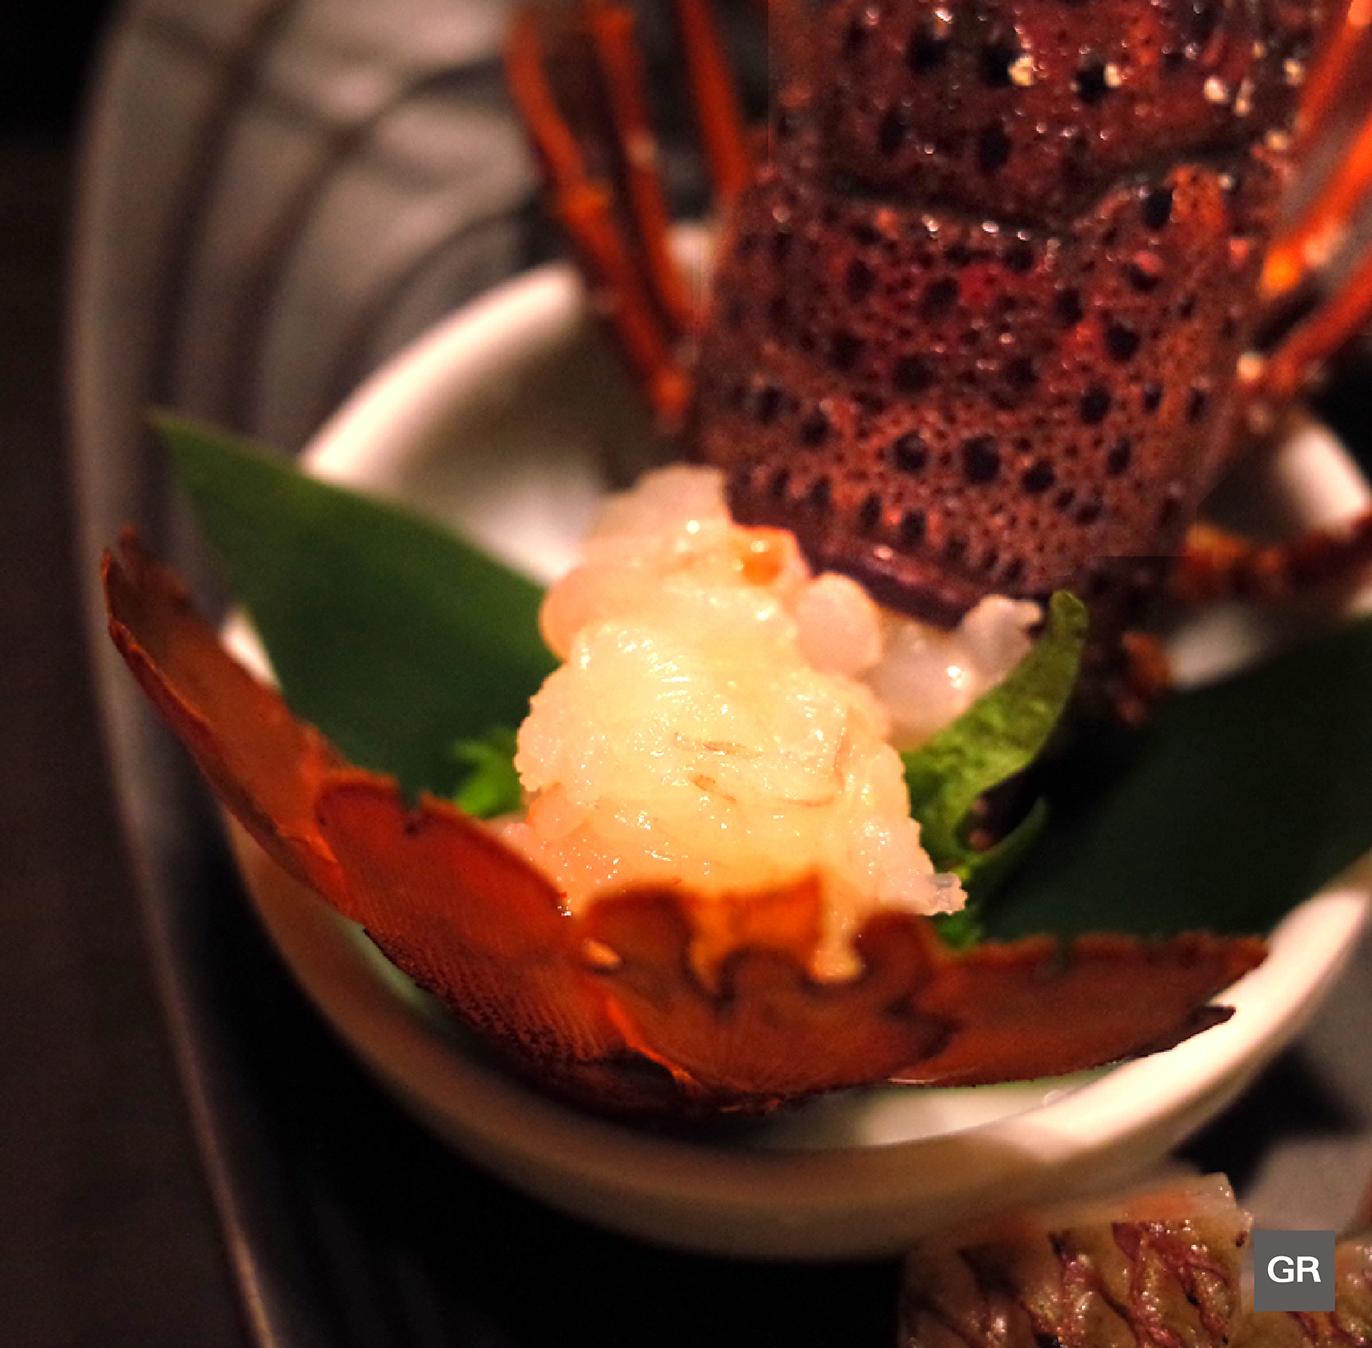 กุ้งมังกรอิเสะ หรือ ISE EBI (Japanese spiny lobster)